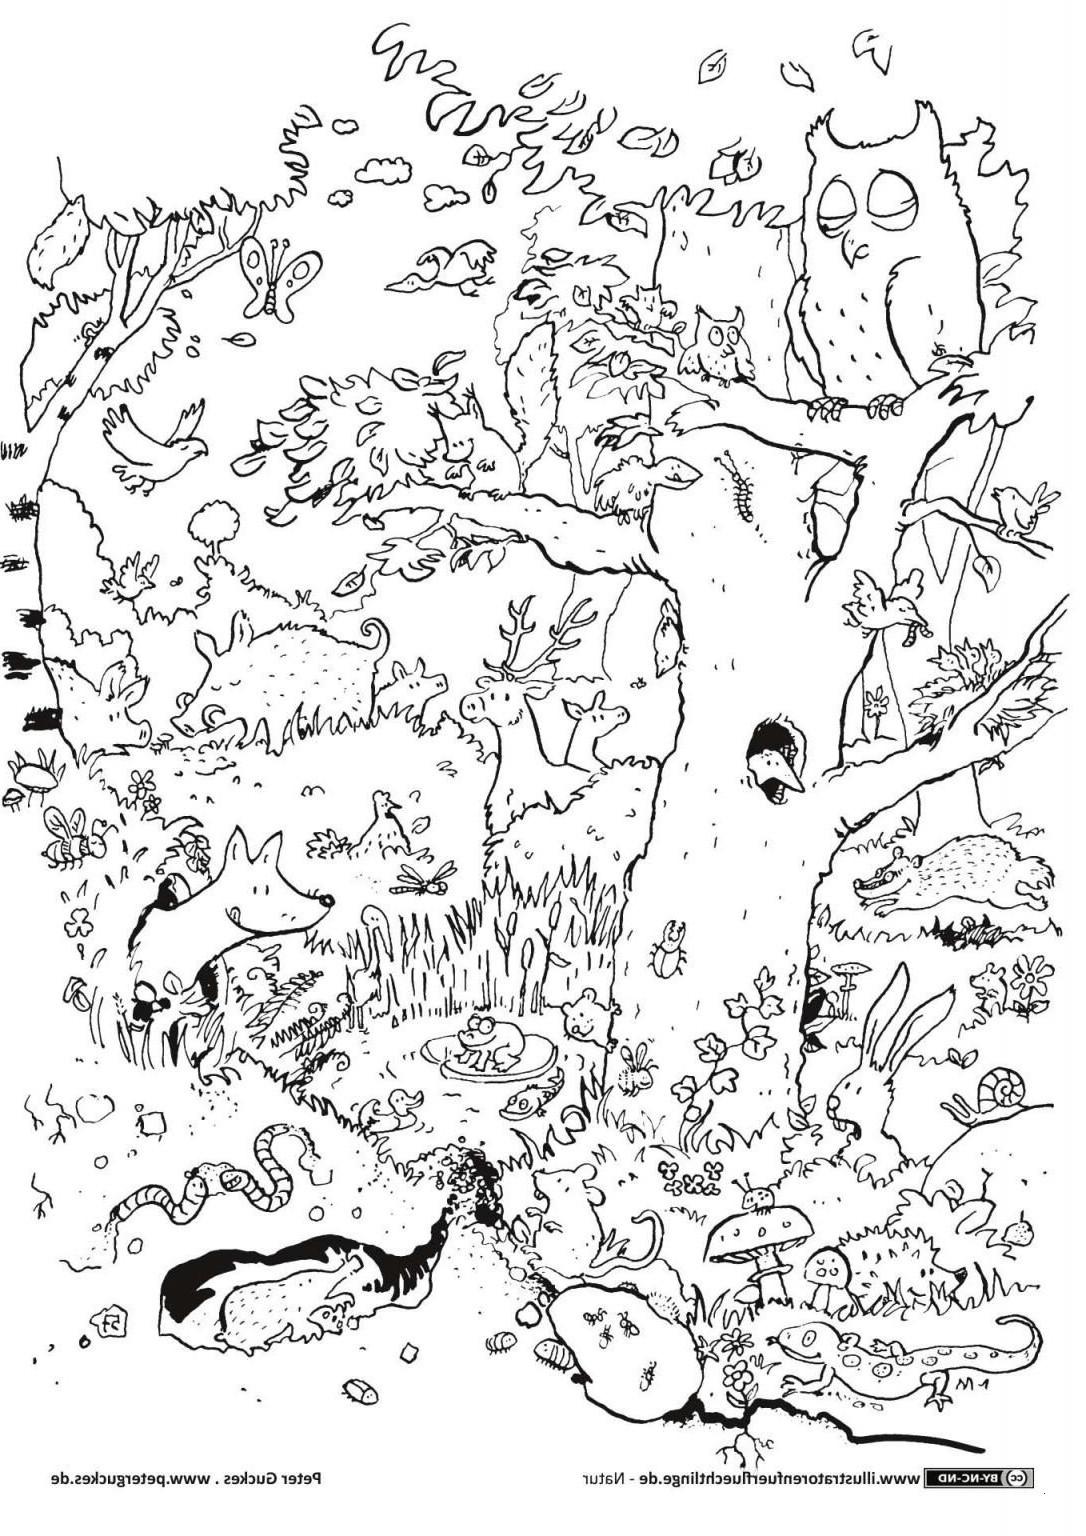 Pettersson Und Findus Ausmalbilder Genial 45 Frisch Ausmalbilder Wickie – Große Coloring Page Sammlung Galerie